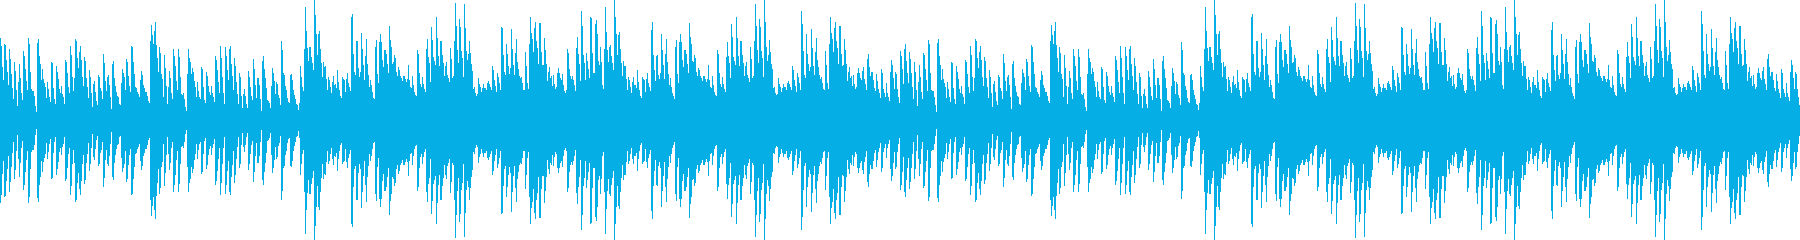 切ない・ピアノソロ・ループ・ゲームの再生済みの波形